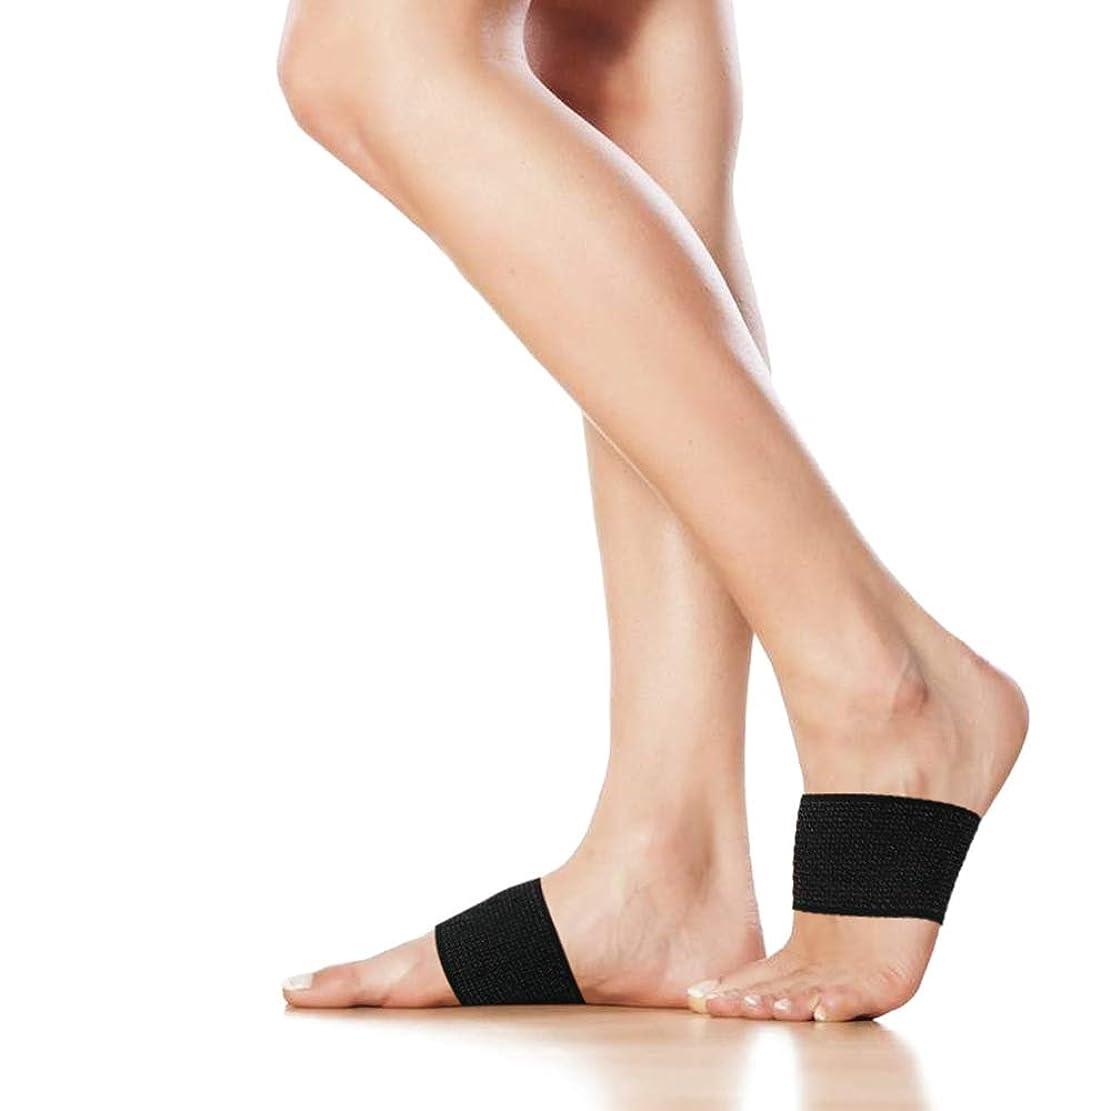 三番またね法医学足底筋膜炎倒れたアーチのためのクッション付き圧縮アーチサポート,M